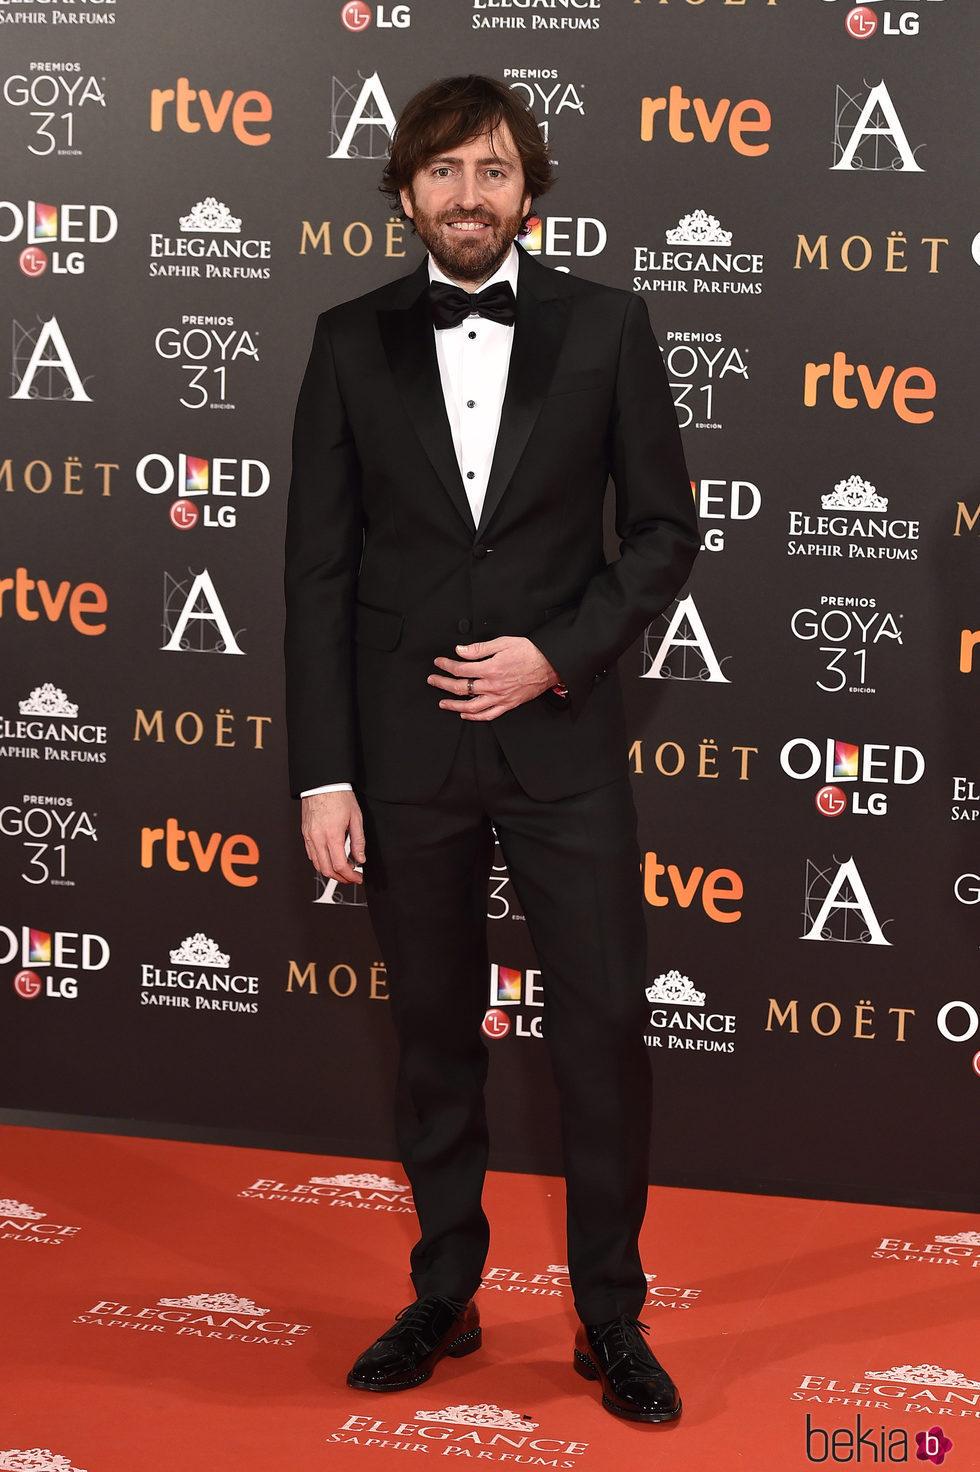 Daniel Sánchez Arévalo en la alfombra roja de los Premios Goya 2017